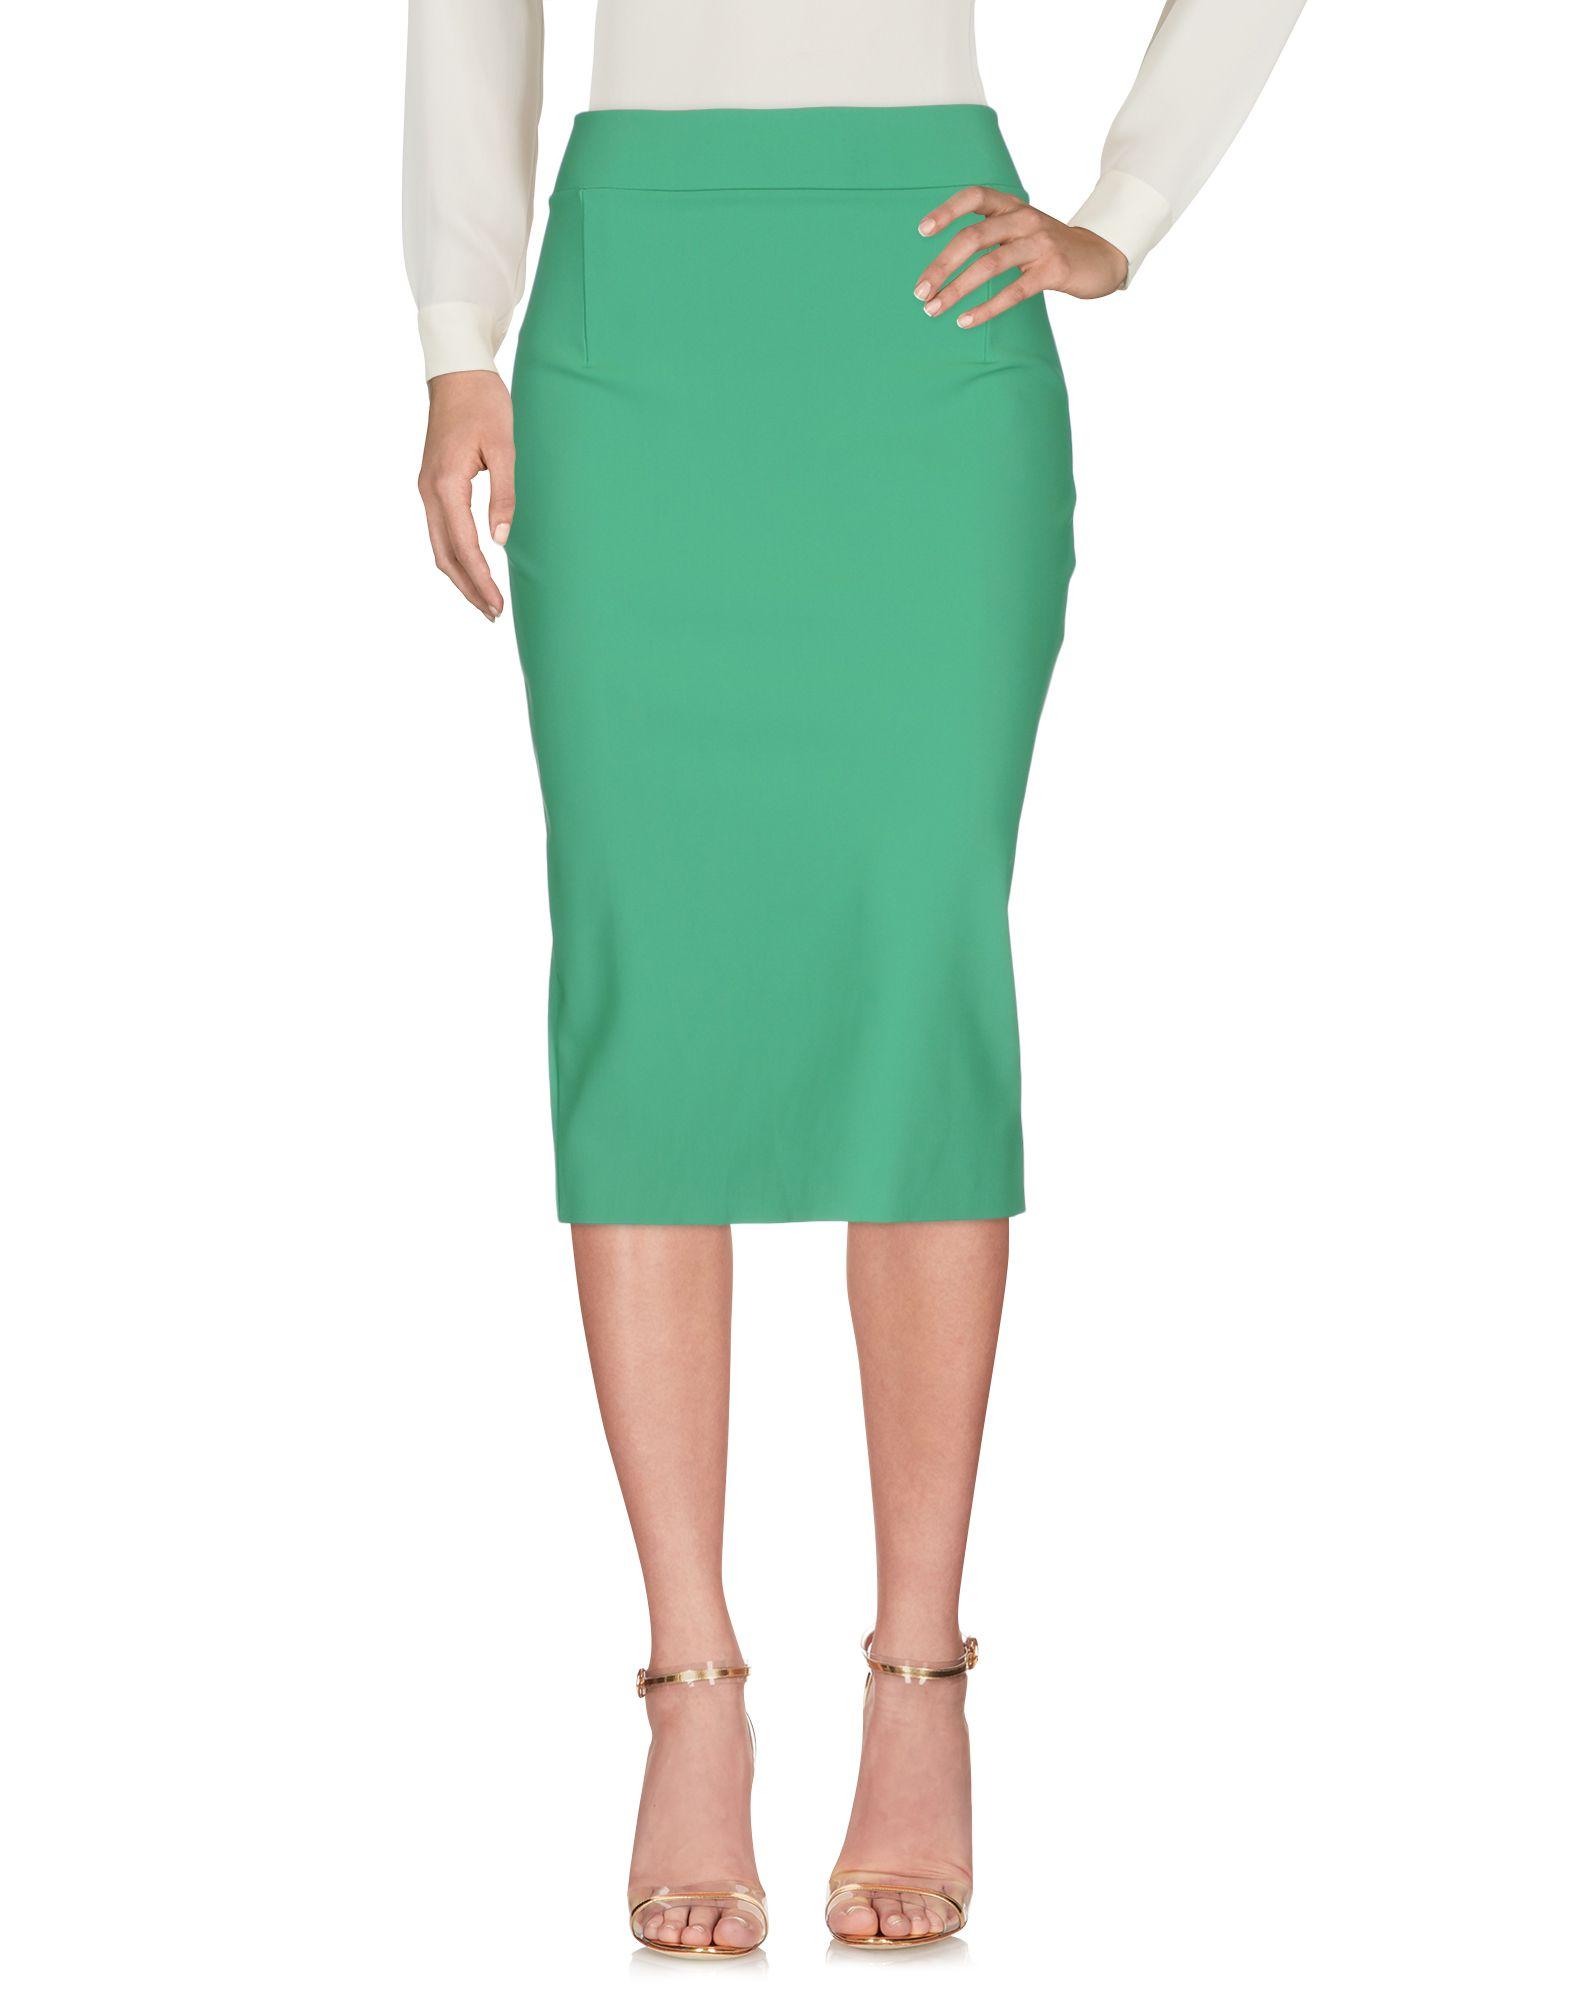 CHIARA BONI LA PETITE ROBE Damen Midirock Farbe Grün Größe 4